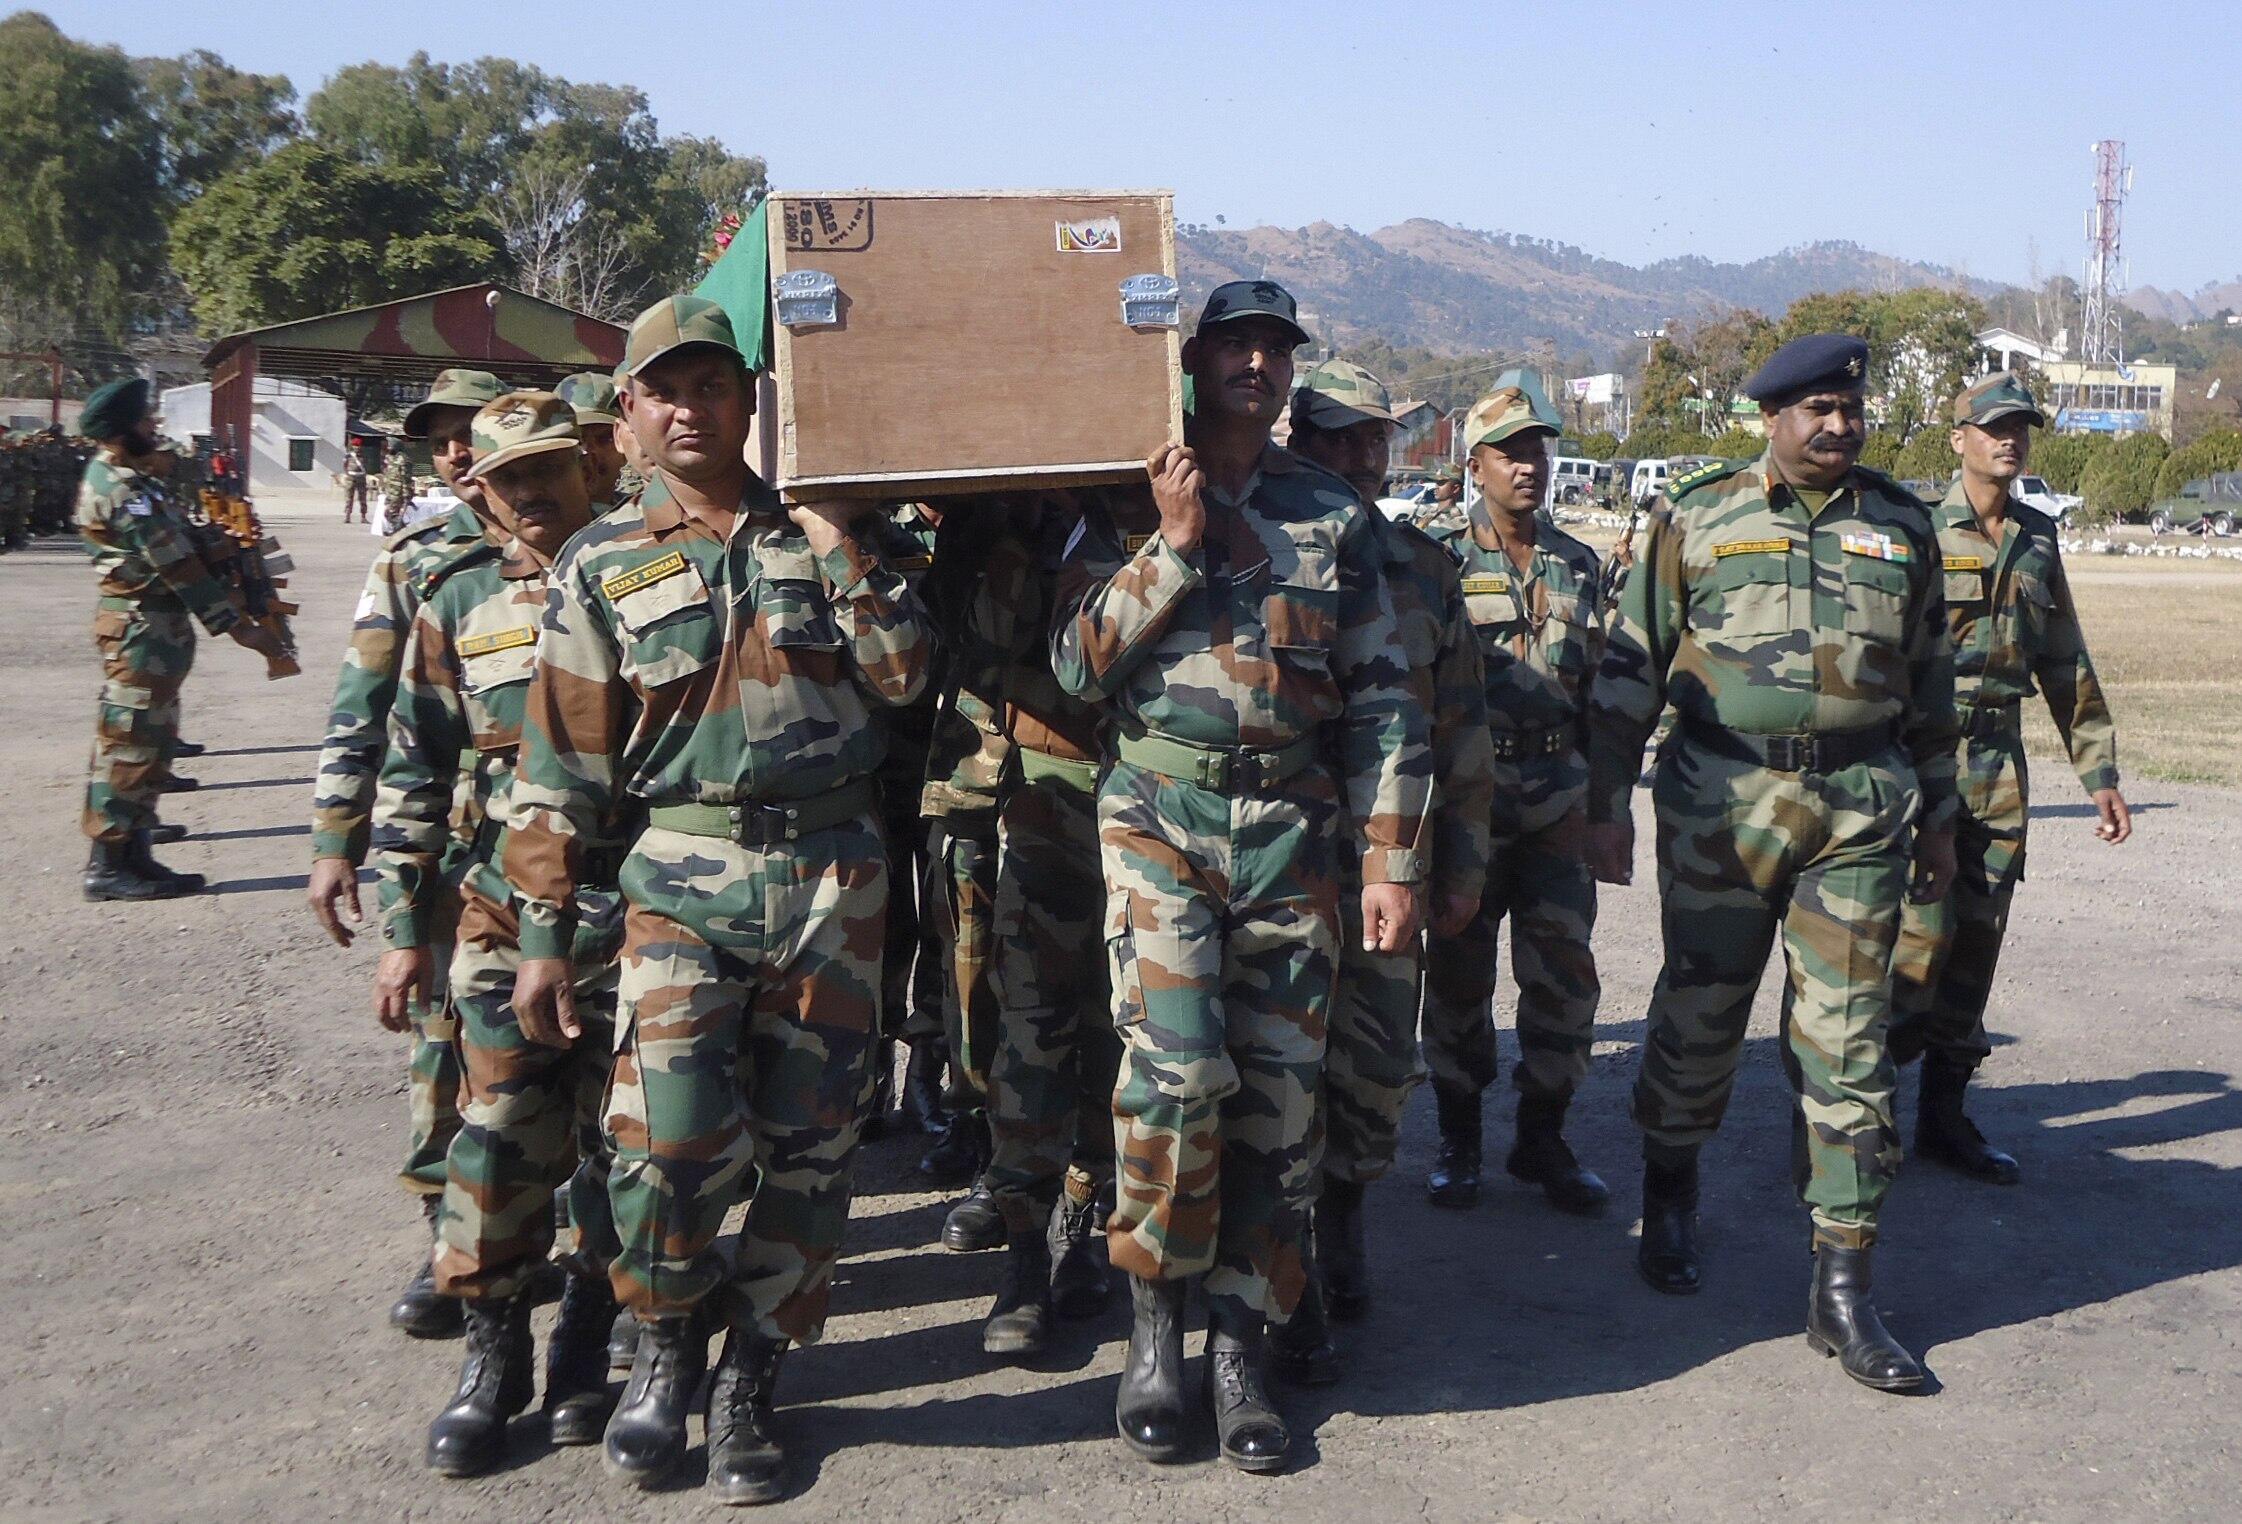 Des soldats indiens portent le cercueil contenant le corps d'un de leur camarade, tué le 8 janvier non loin de la frontière pakistanaise.